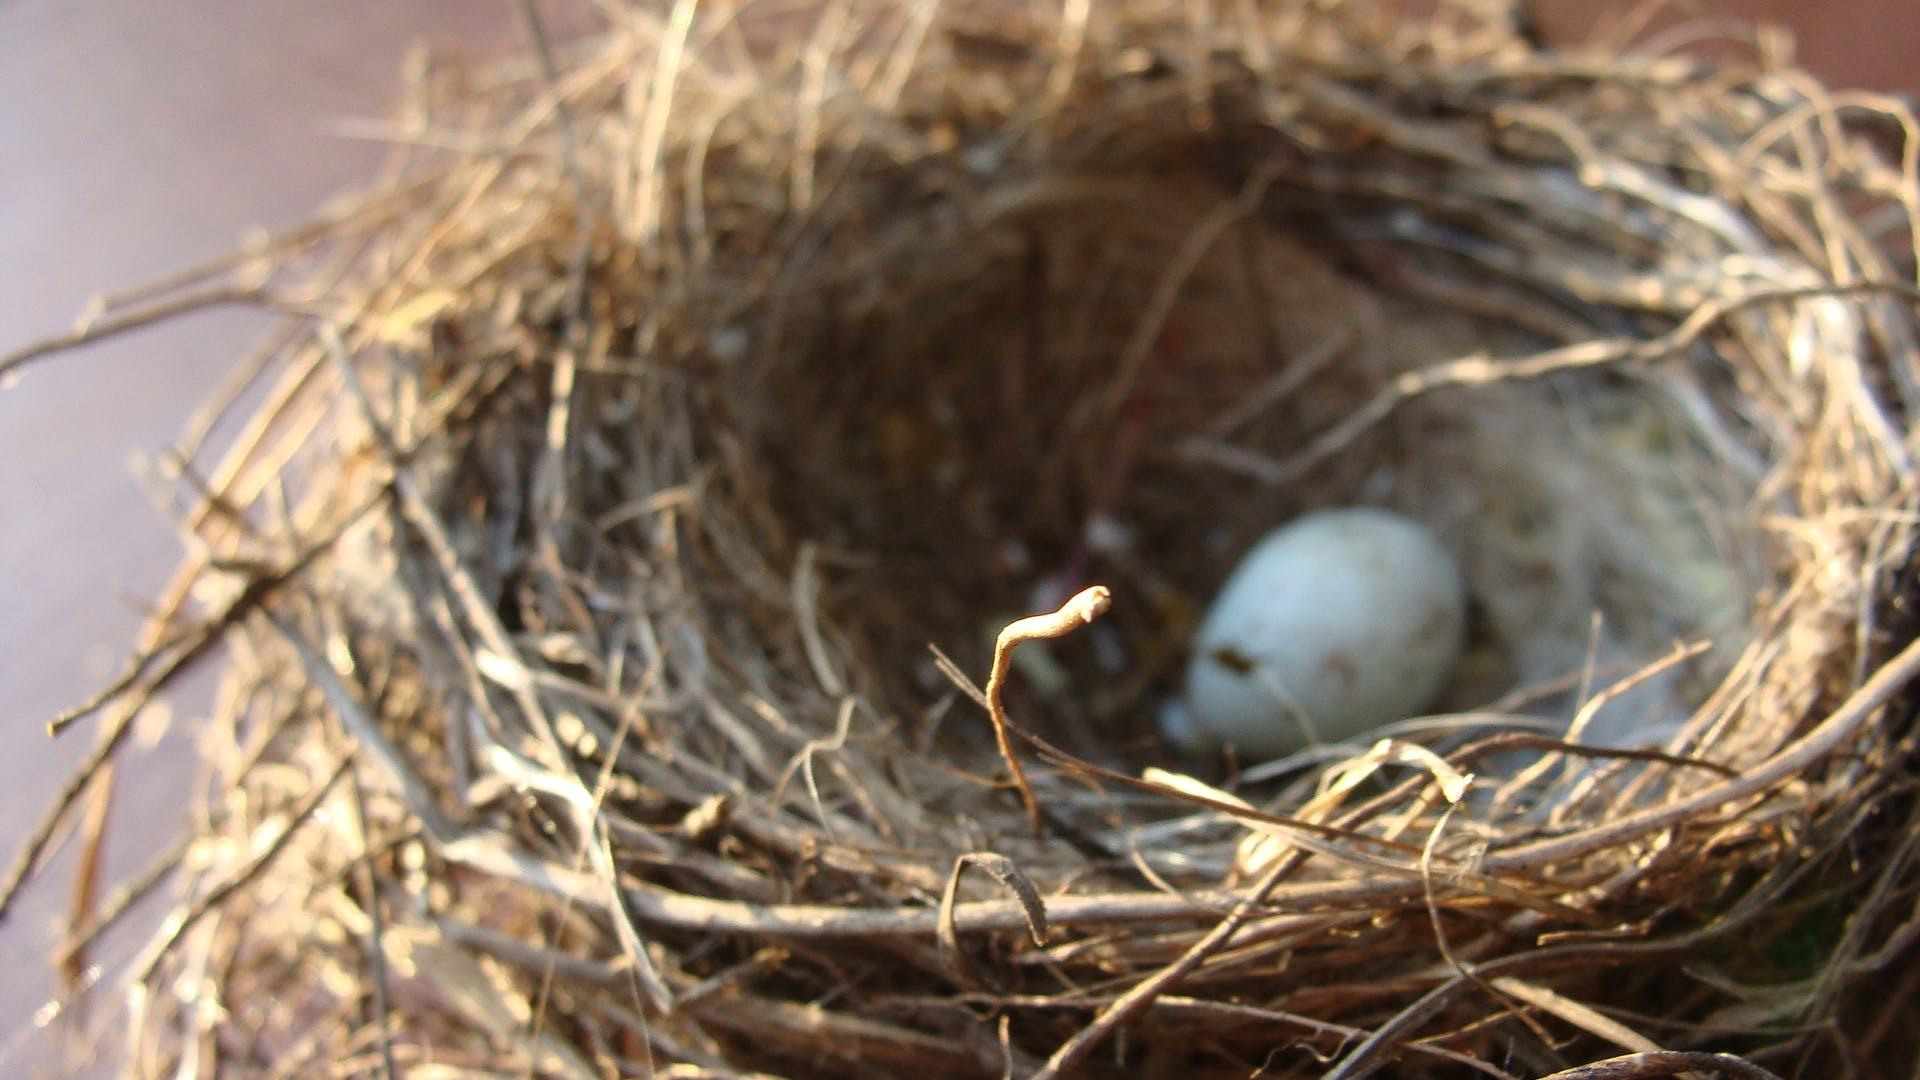 White Egg on Nest